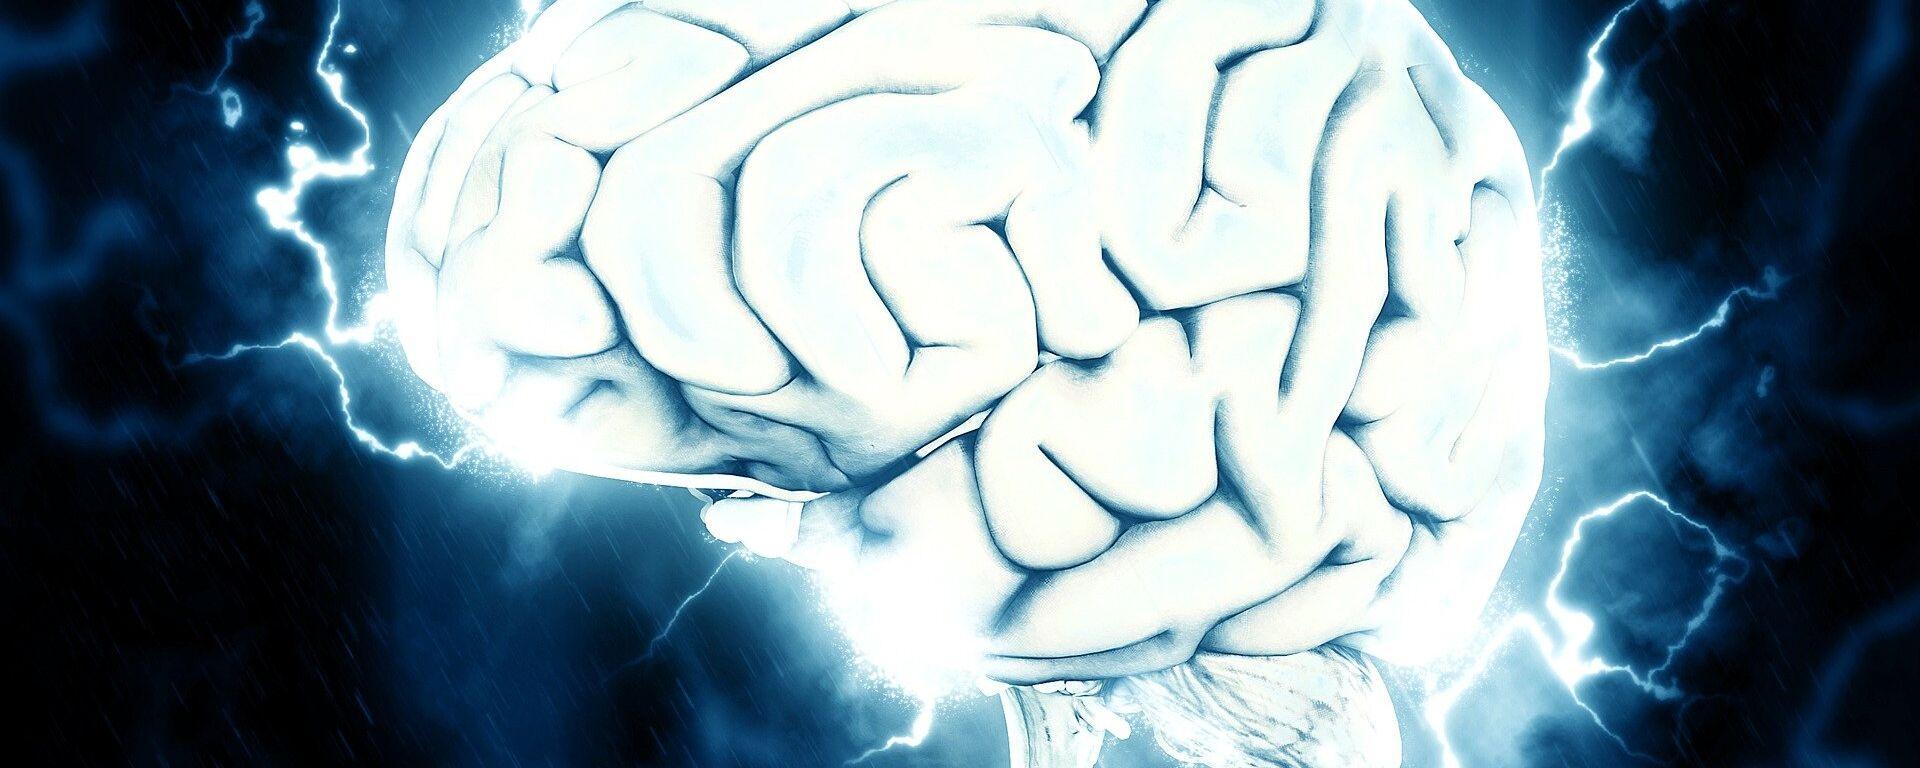 Cerebro (imagen referencial) - Sputnik Mundo, 1920, 26.06.2021